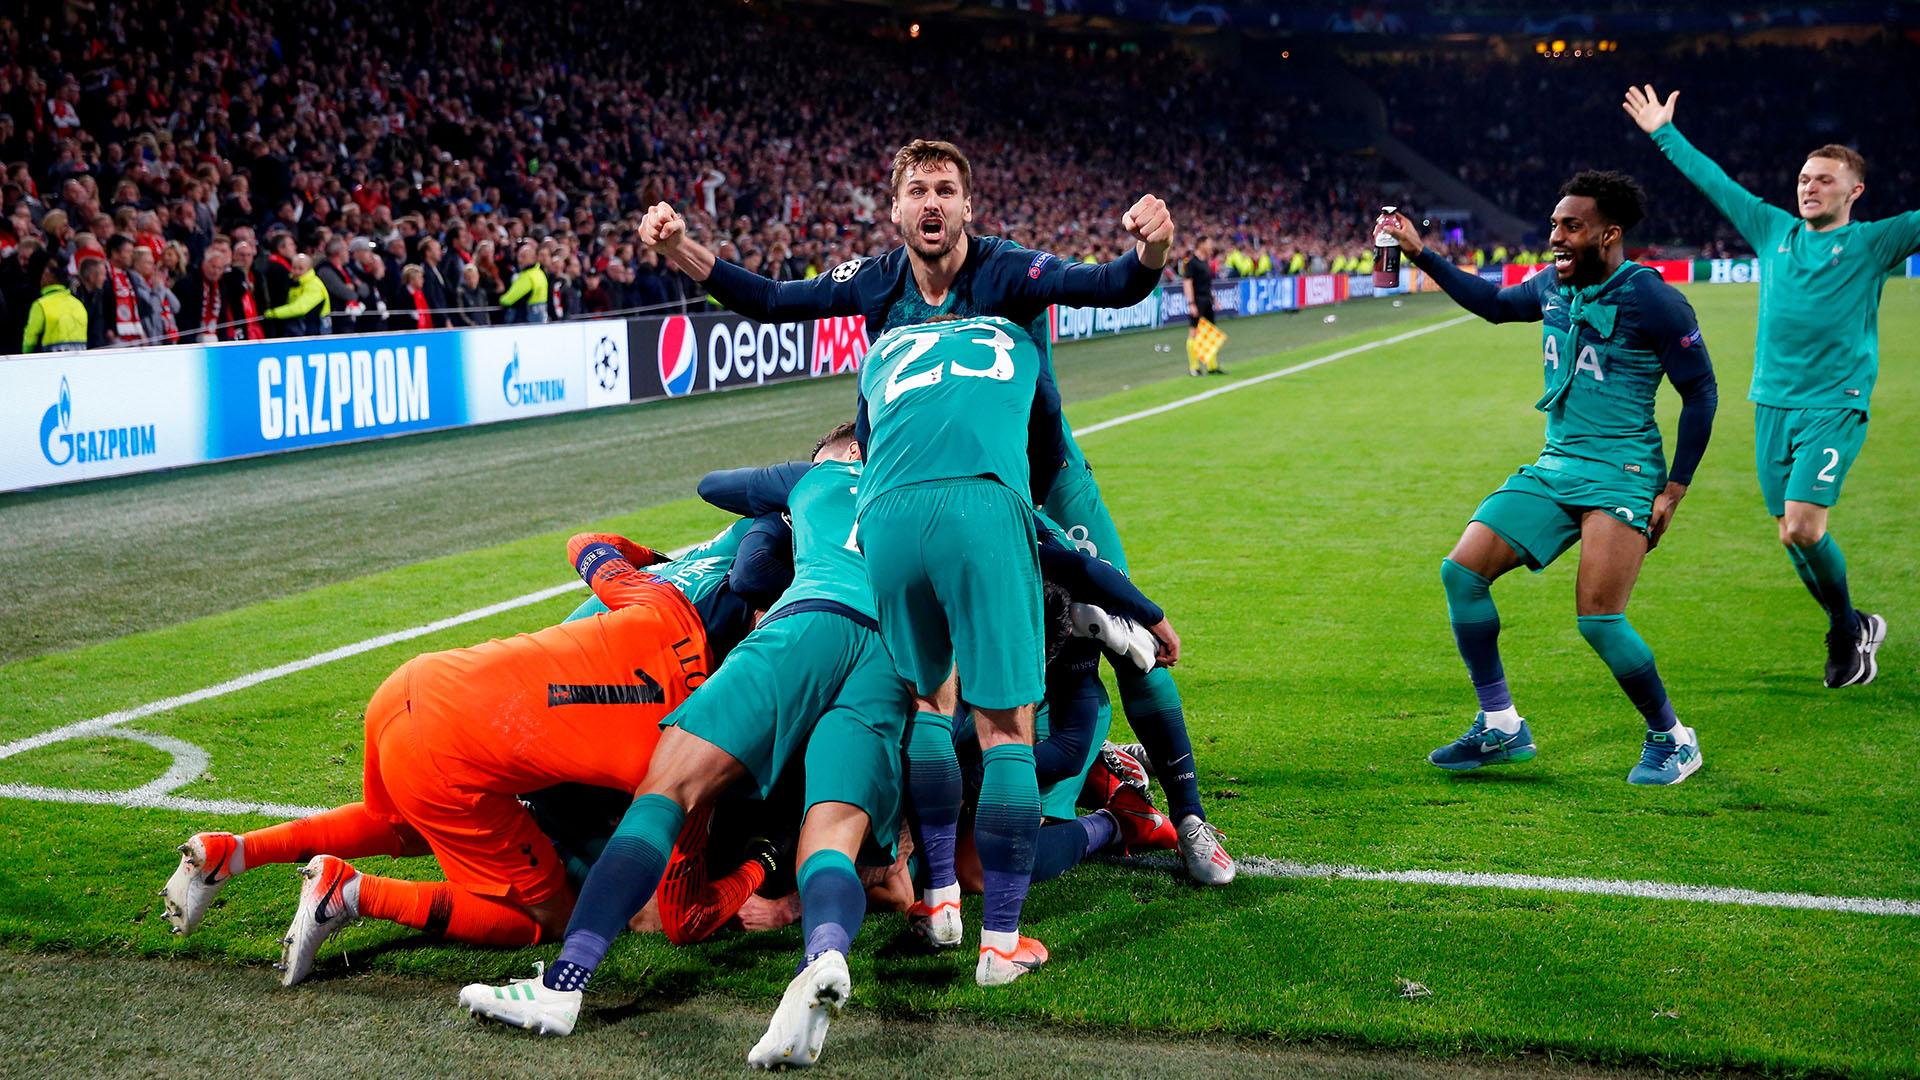 El Tottenham Hotspur está por primera vez en la final de la Liga de Campeones. Jugará en contra de un rival de la Liga Premier, el Liverpool. (Action Images via Reuters/Matthew Childs)